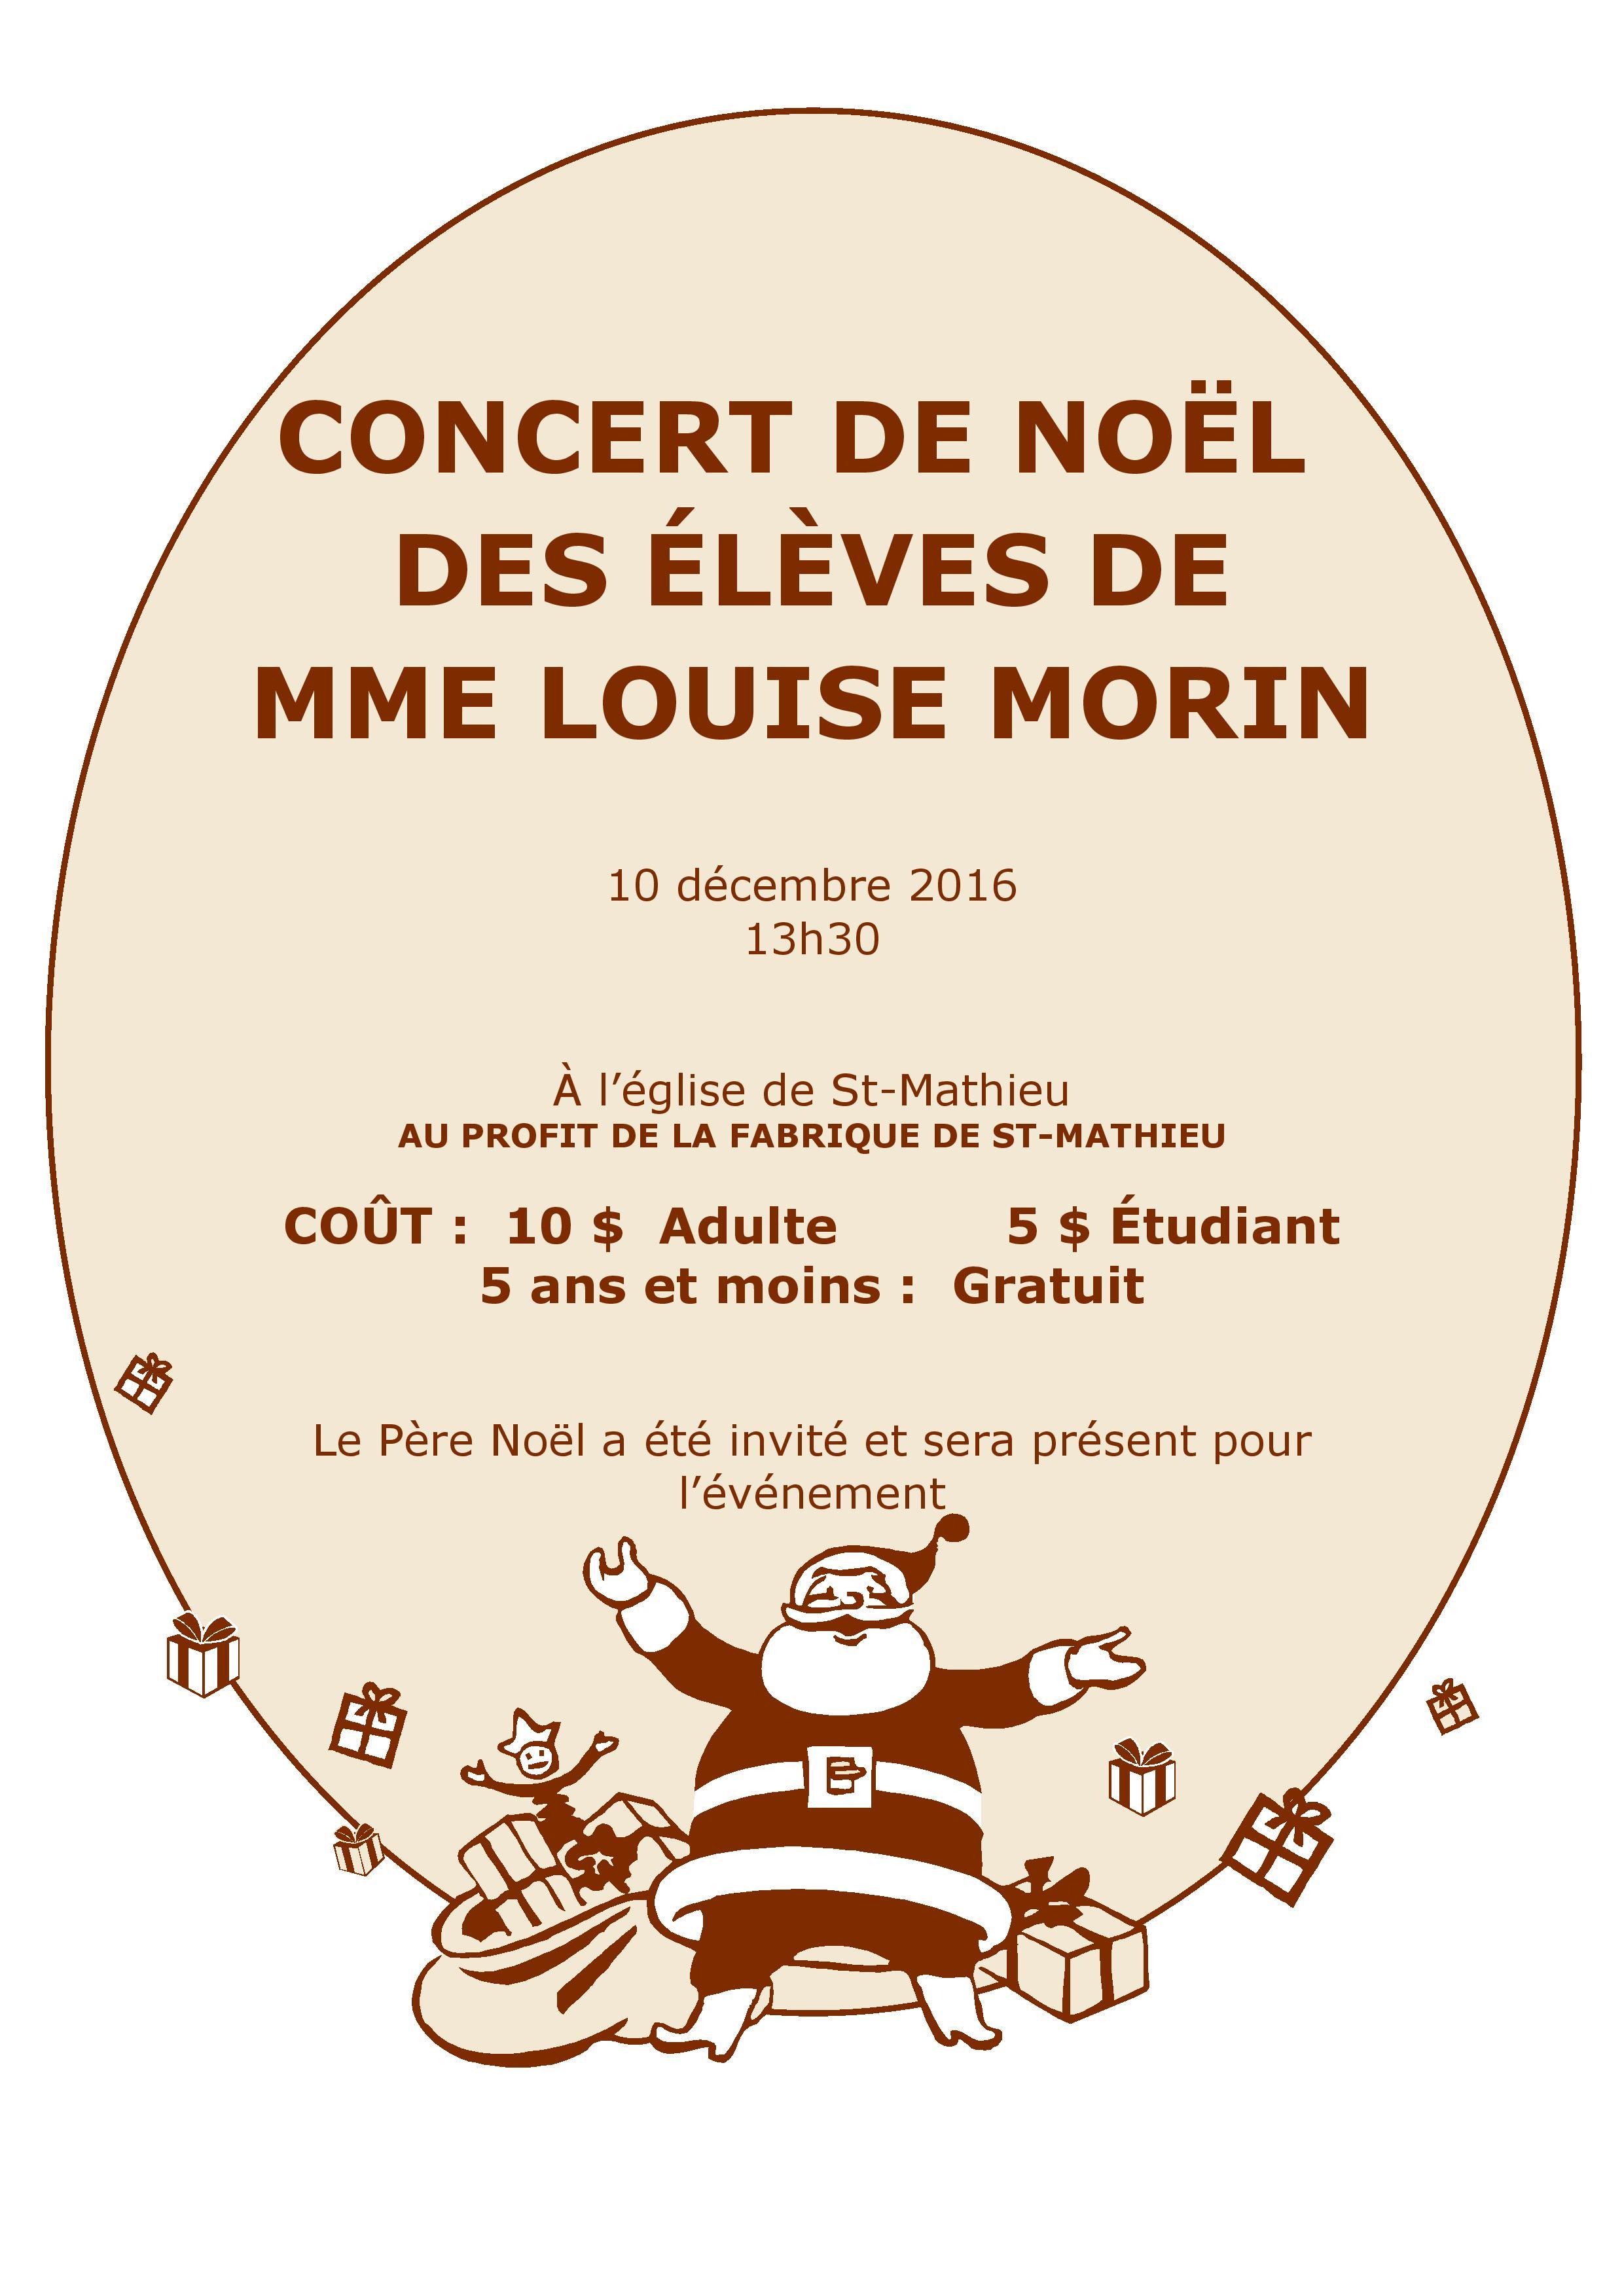 concert-de-noël-2016-affiche-page-001